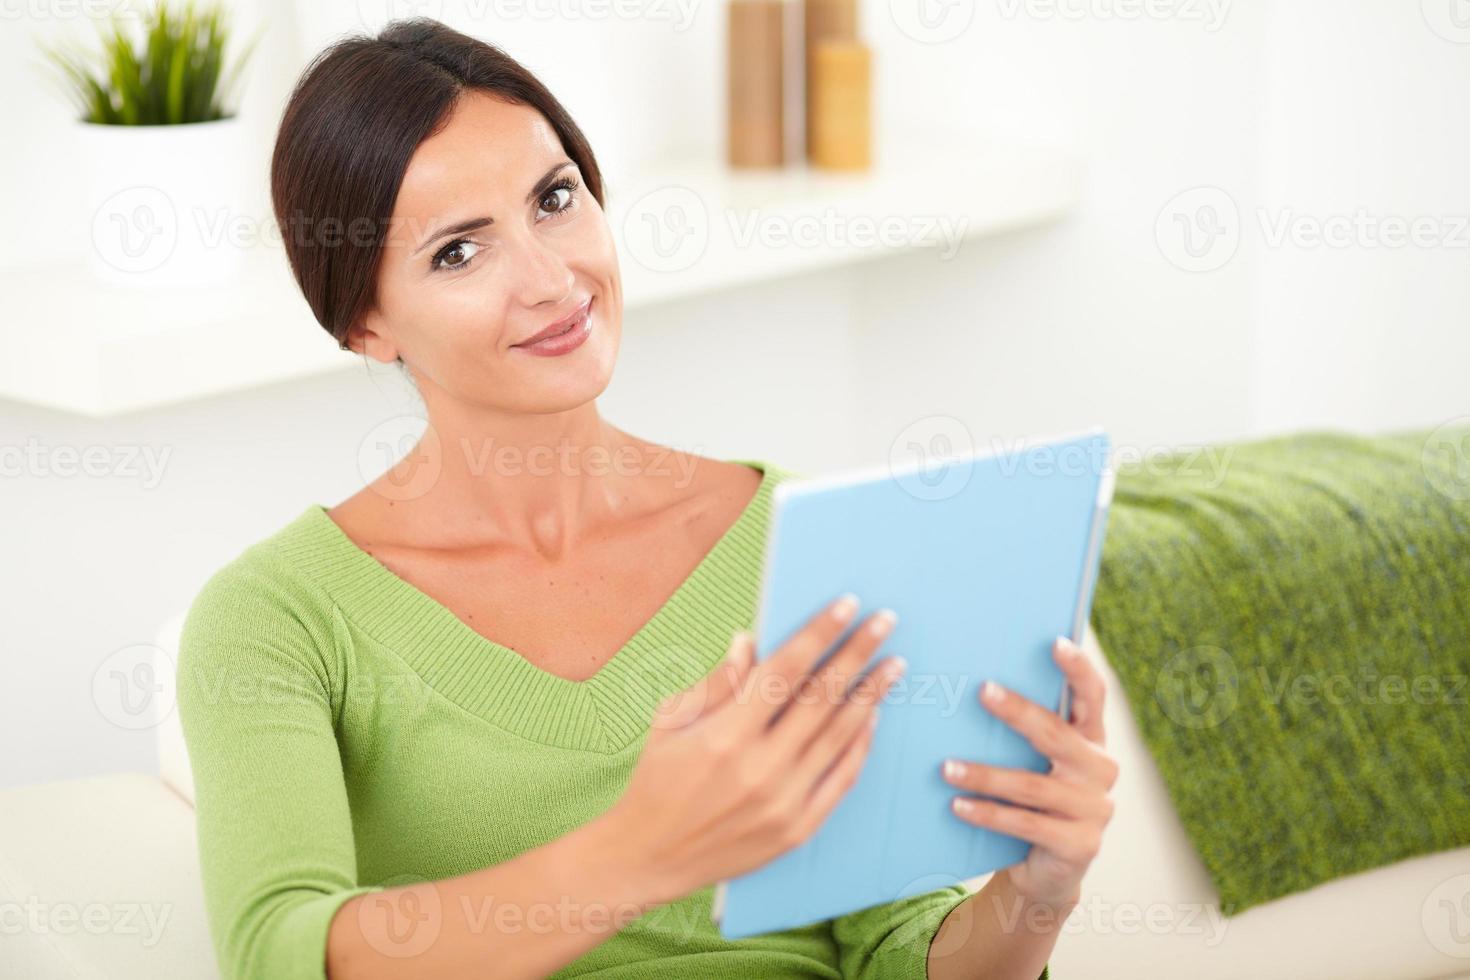 giovane donna caucasica in possesso di un tablet foto